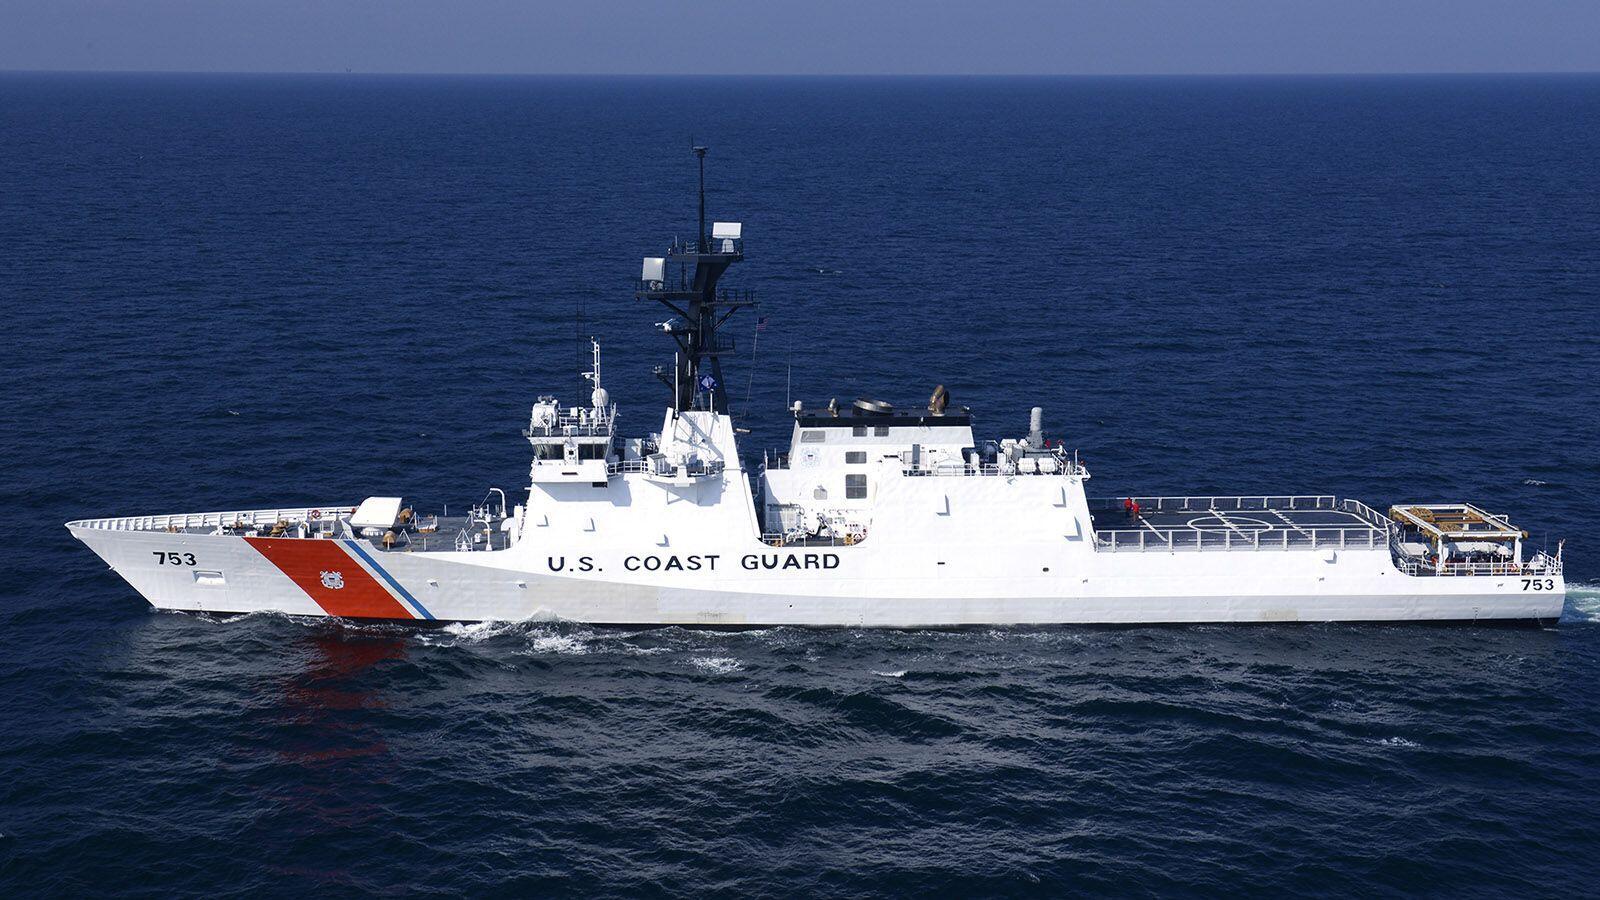 乌克兰和美国在黑海举行联合演习,俄罗斯巡逻船在附近现身